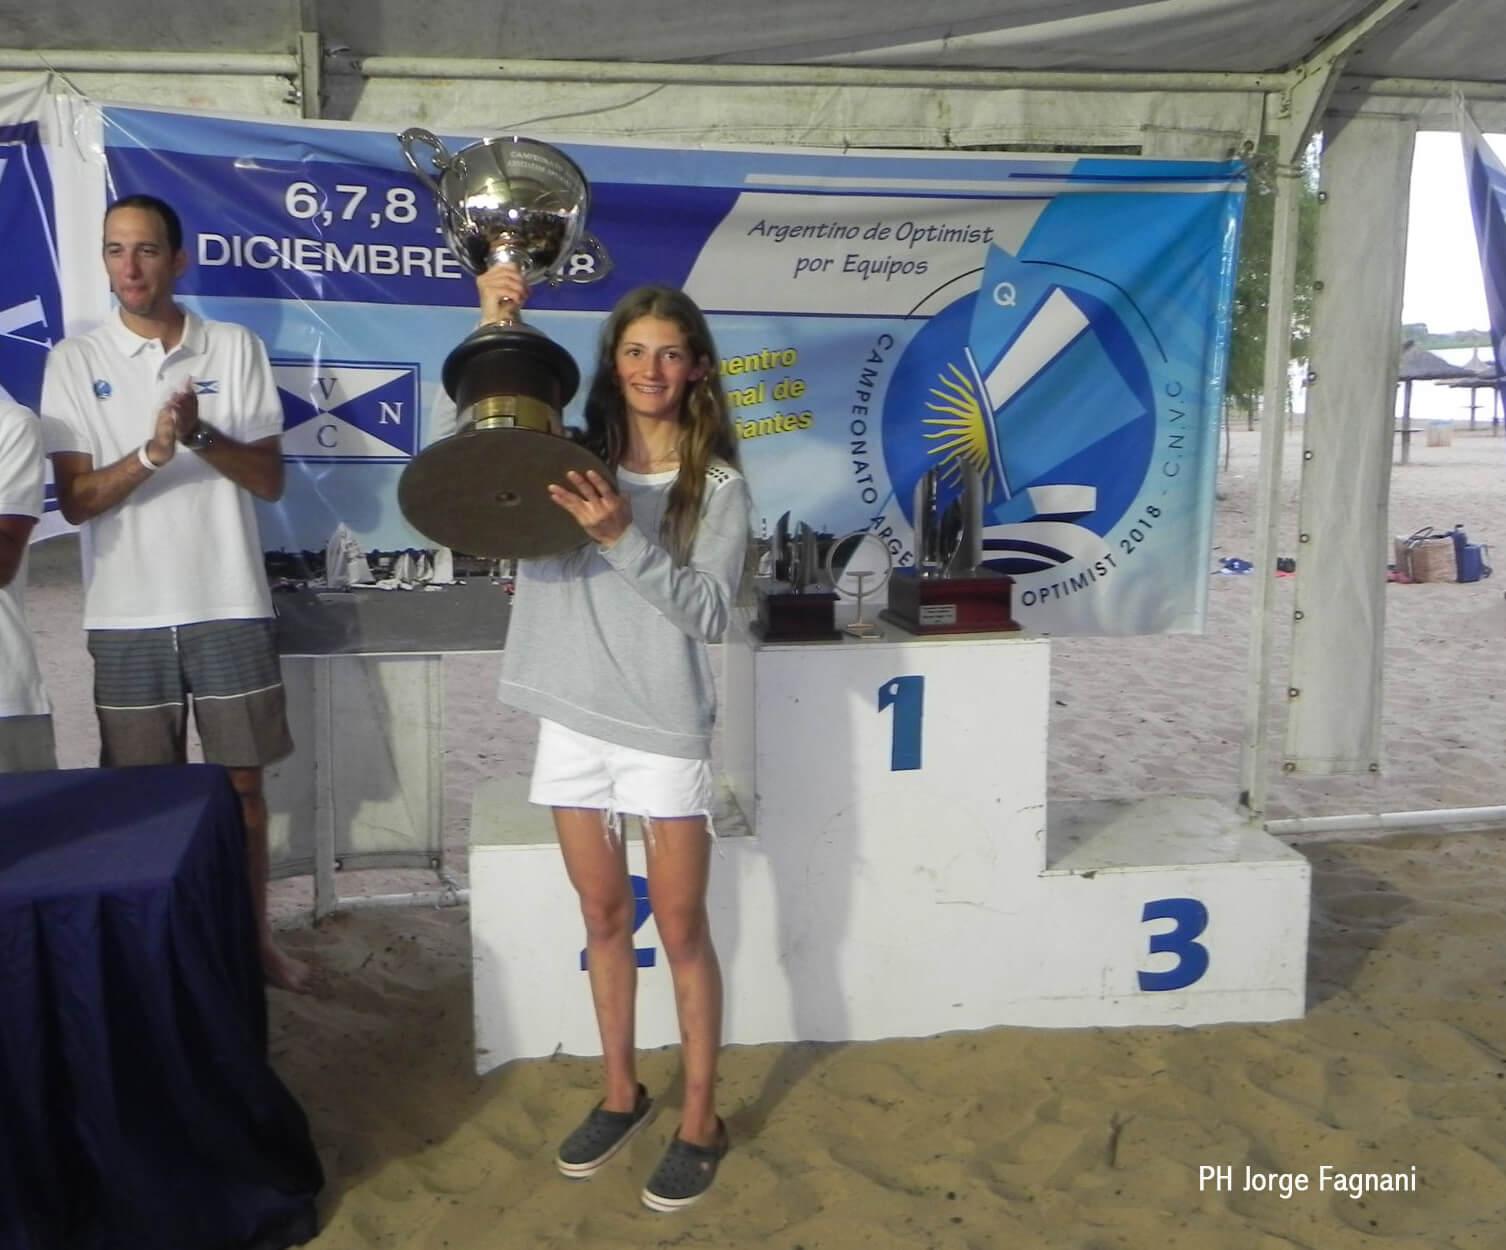 Campeonato Argentino de Optimist 2018 - Campeona Argentina